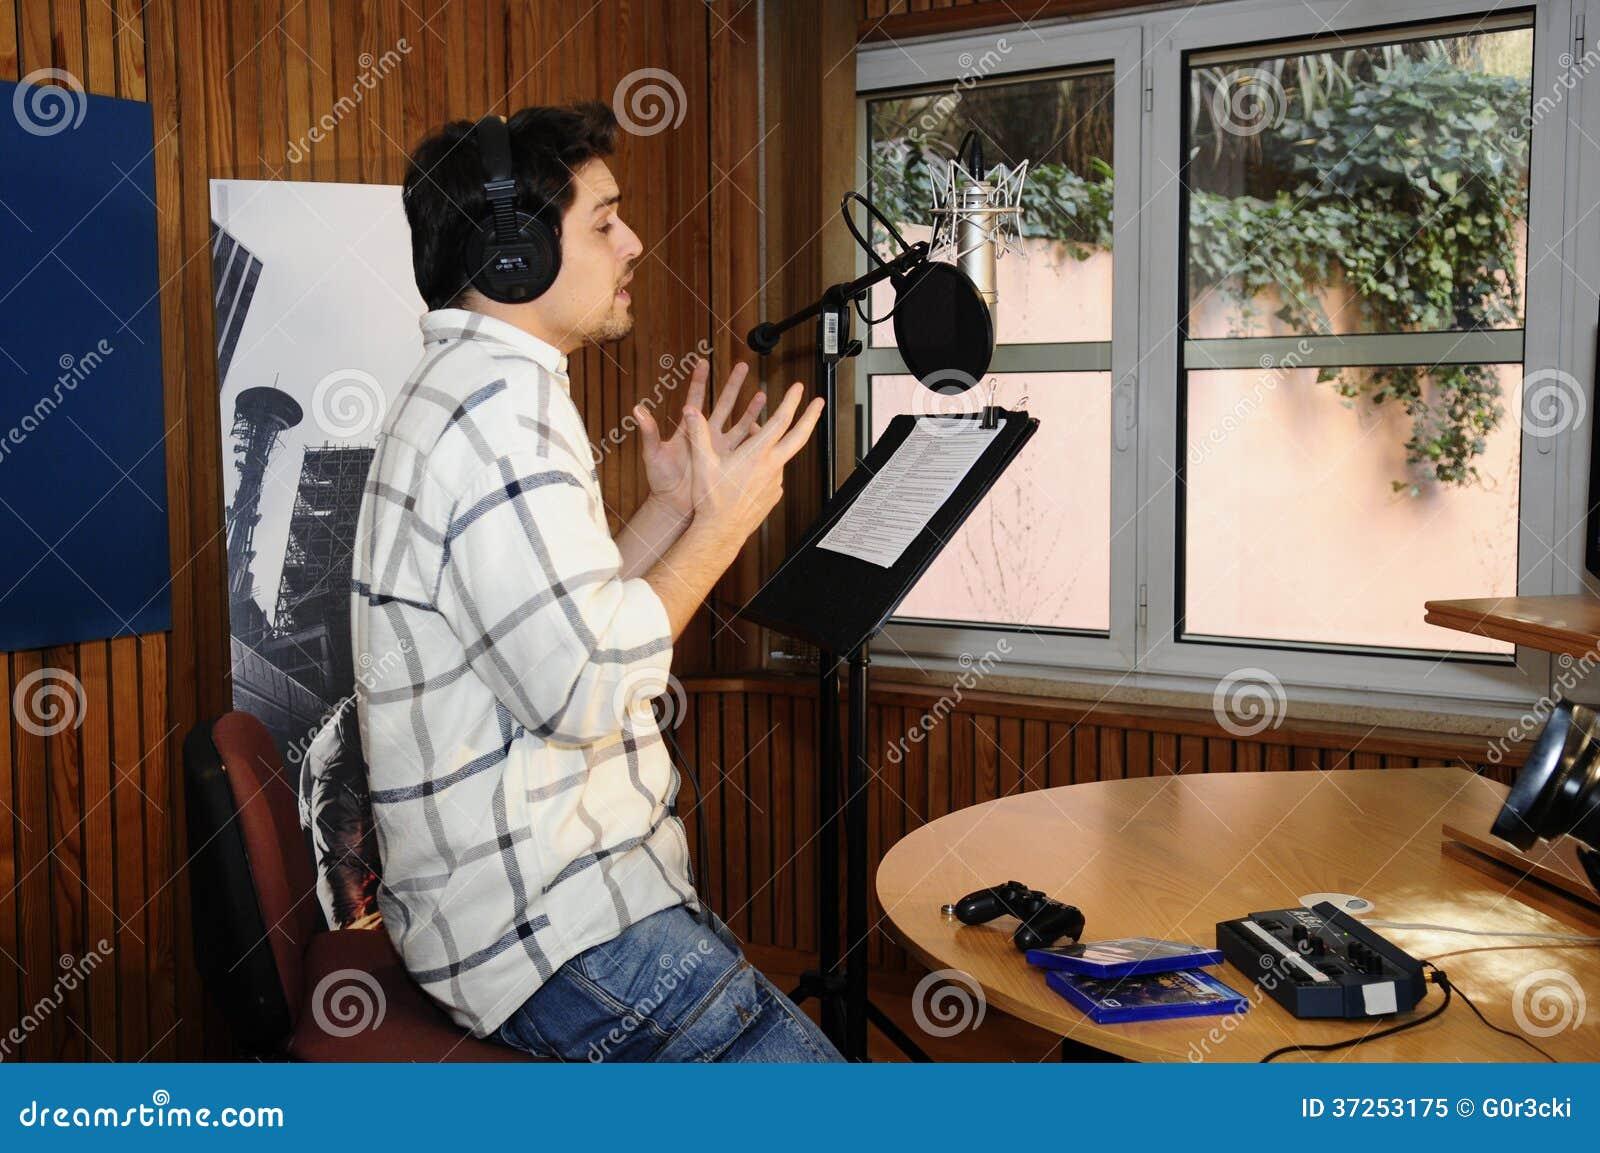 Actor At Recording Stu...